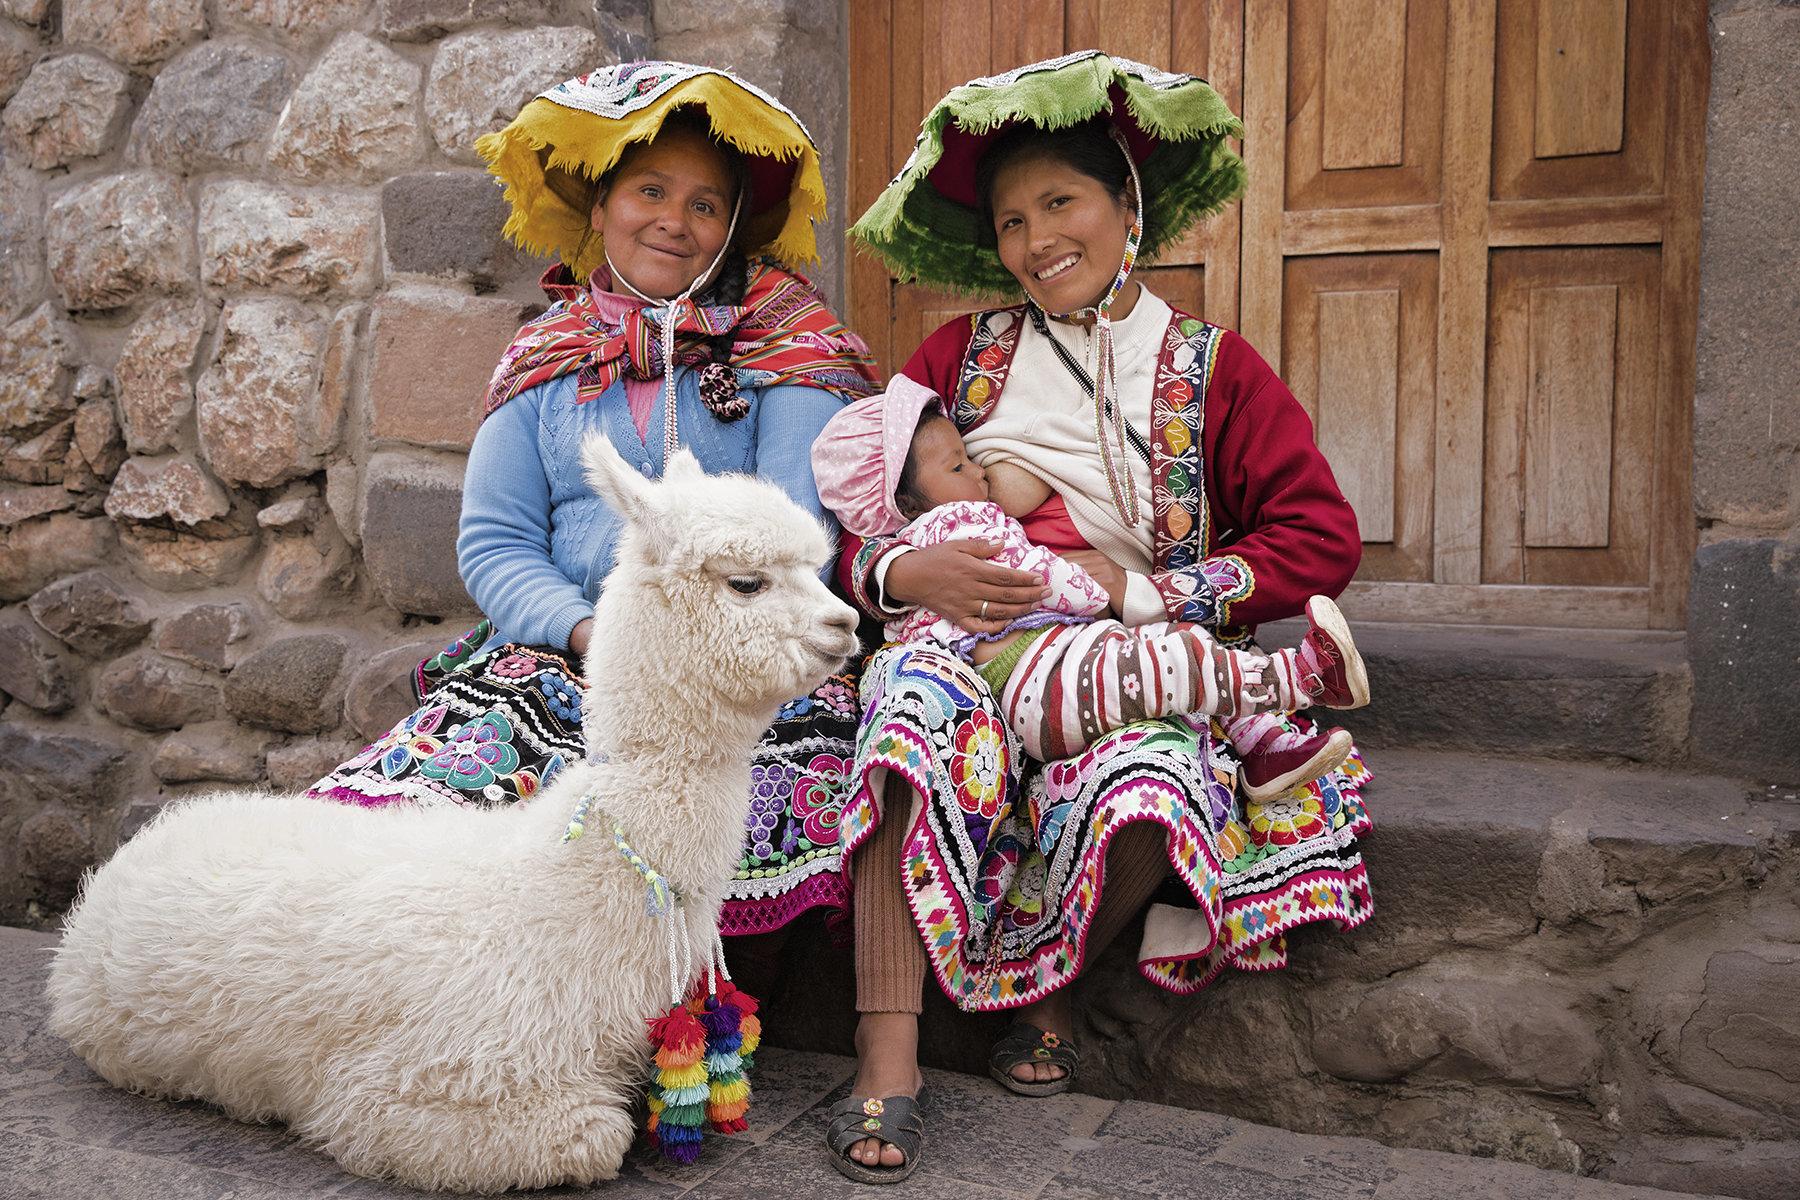 Tina Boyadjieva fotografió a una mujer llamada Maryluz, su tía, su bebé y su llama en